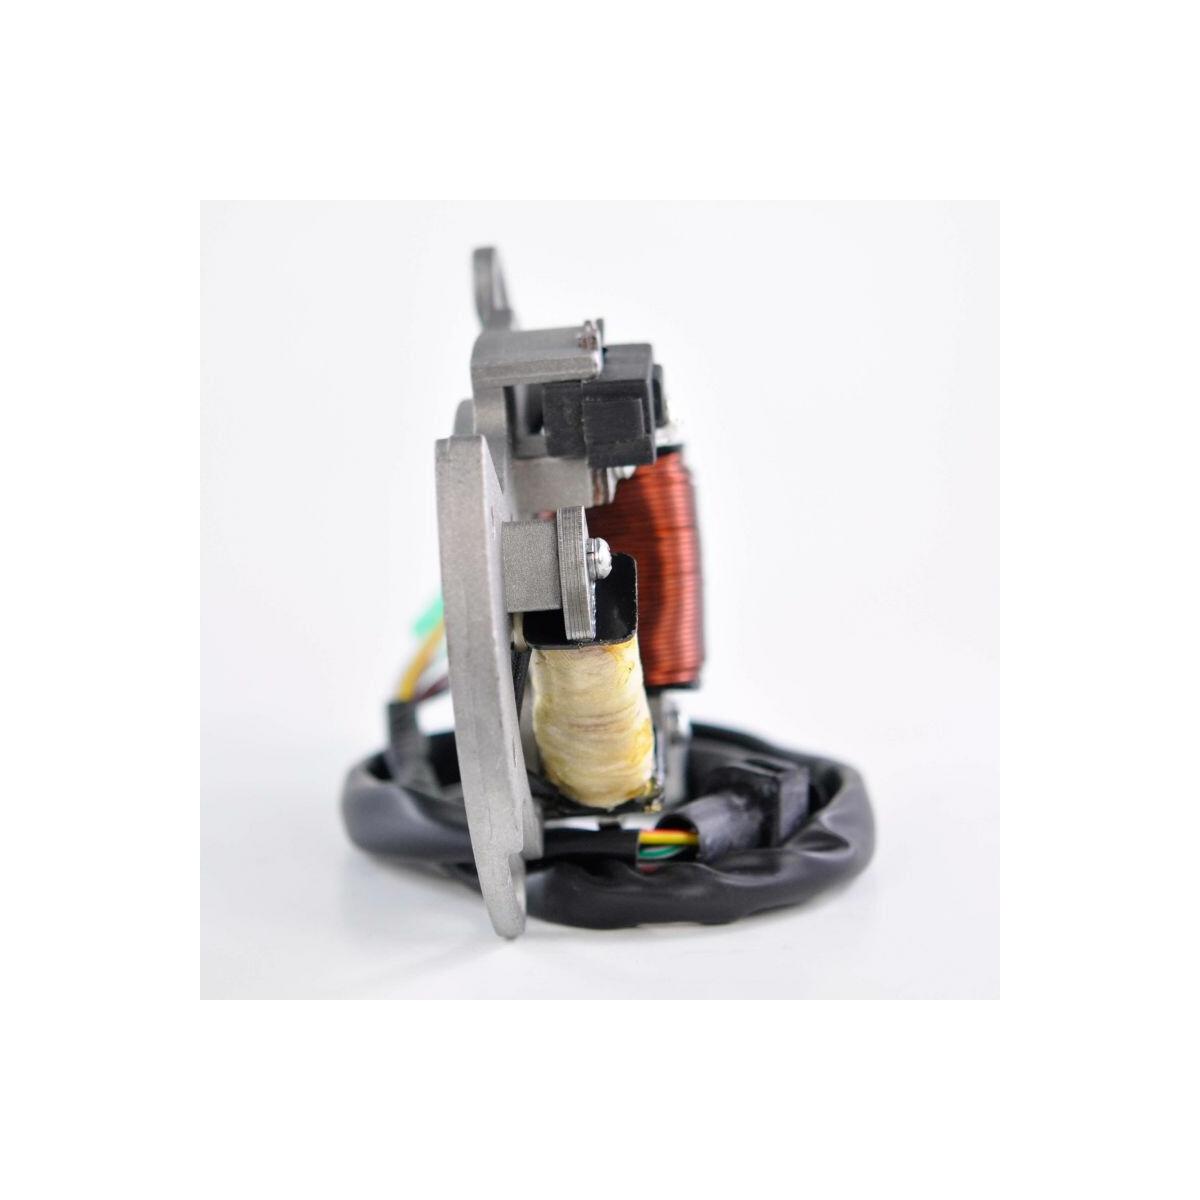 CDI Module For Yamaha 3FL-85540-10-00 3FL-85540-00-00 Blaster 200 YFS200 88-02